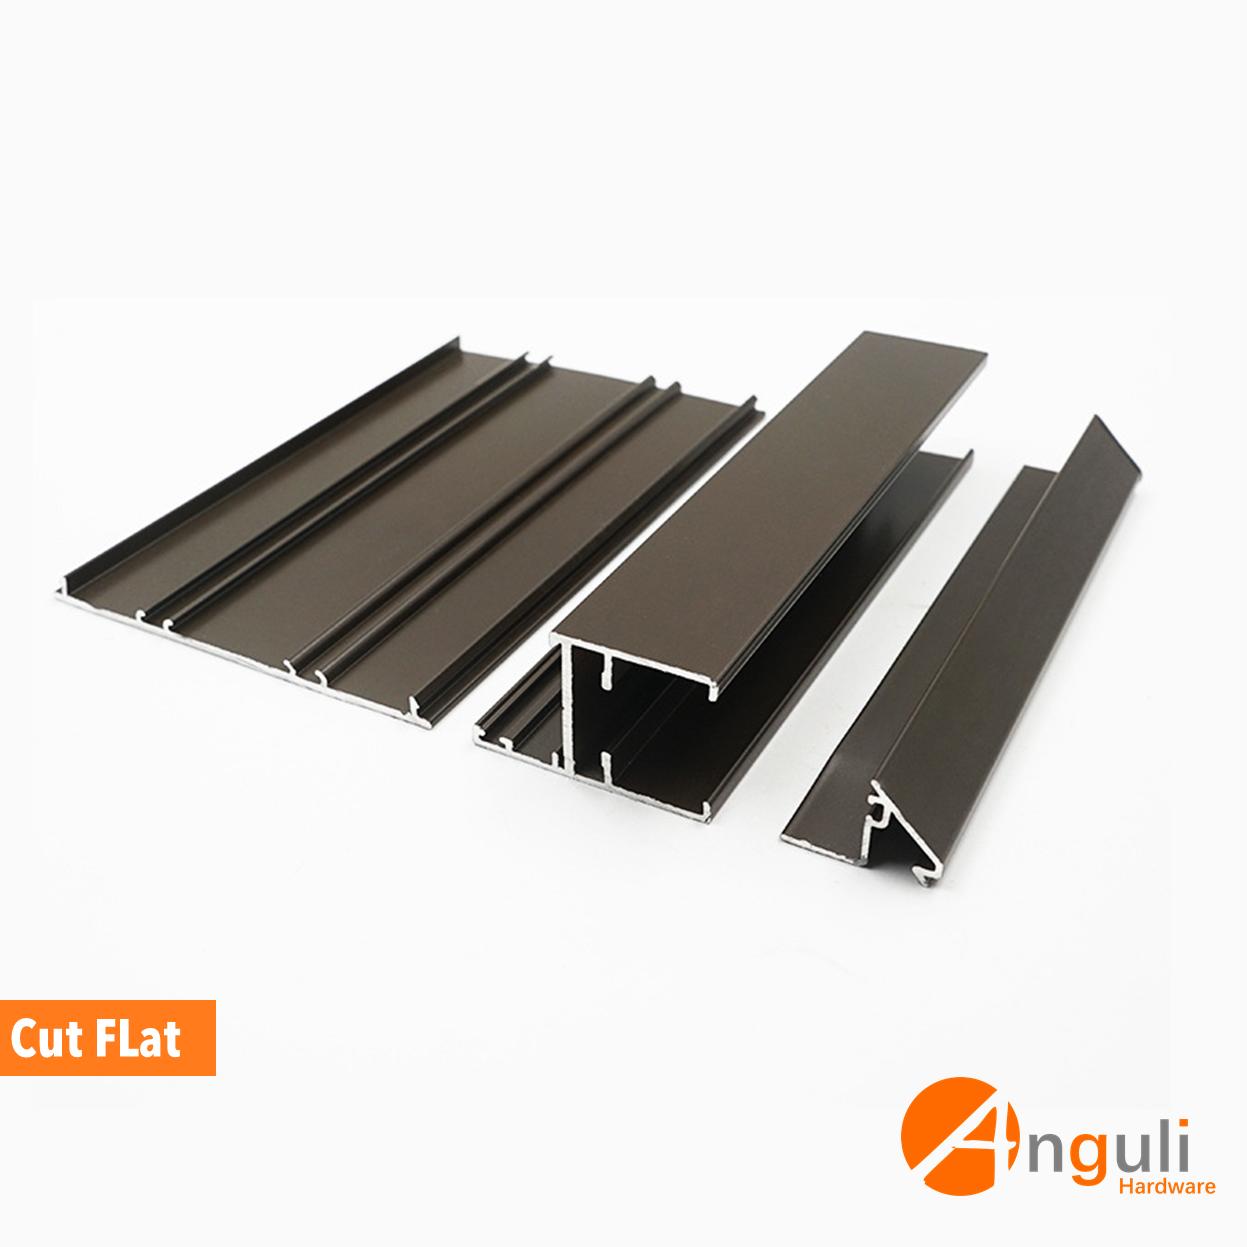 Алюминиевый профиль Anguli для окон и дверей под заказ